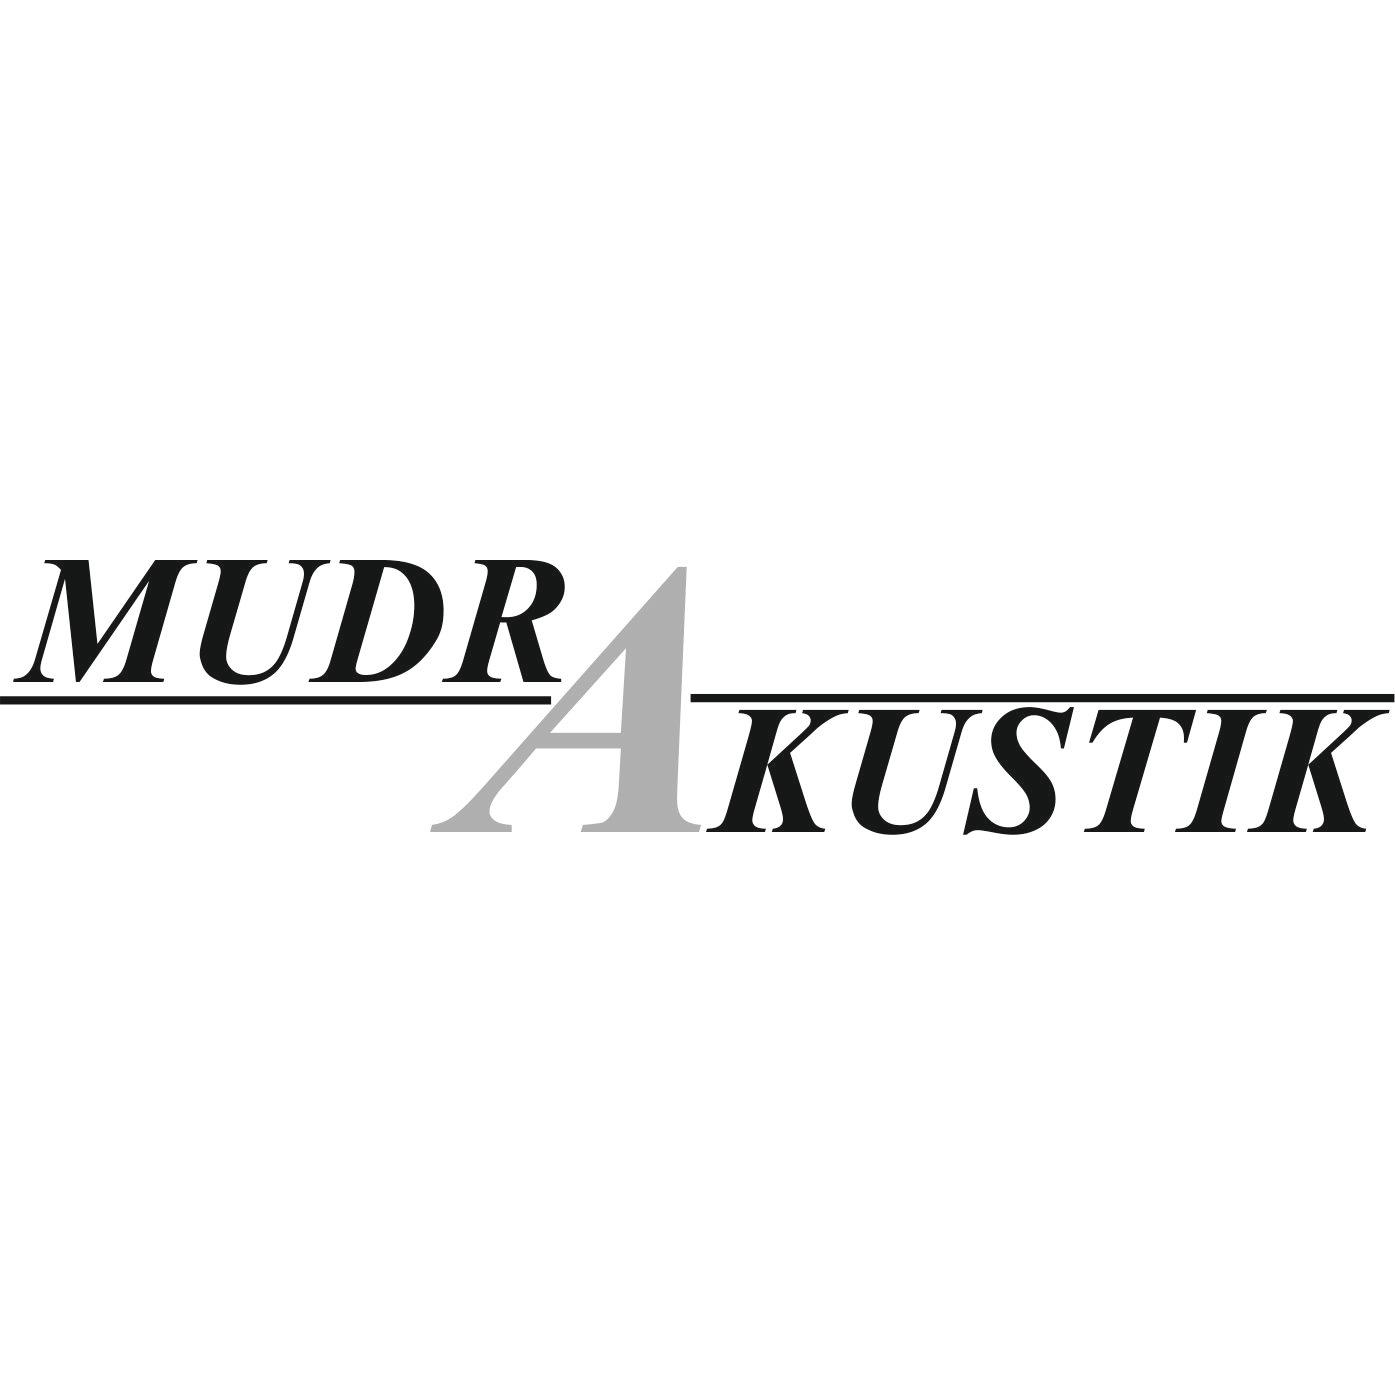 mudra_akustik_logo_44.jpg